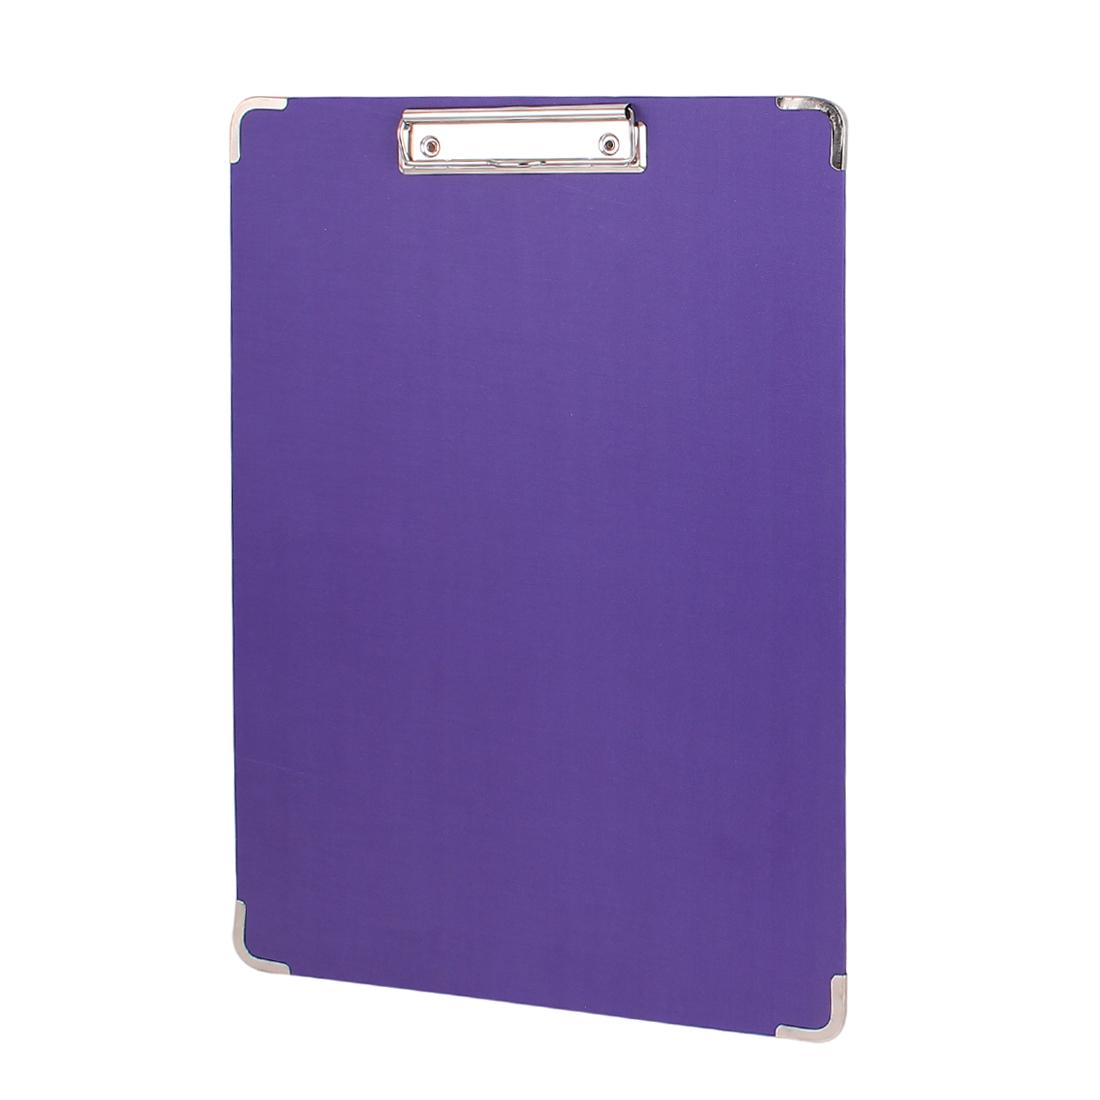 40cmx28cm Painting Art Sketch Board Holder Hardboard Clipboard Purple w Low Clip